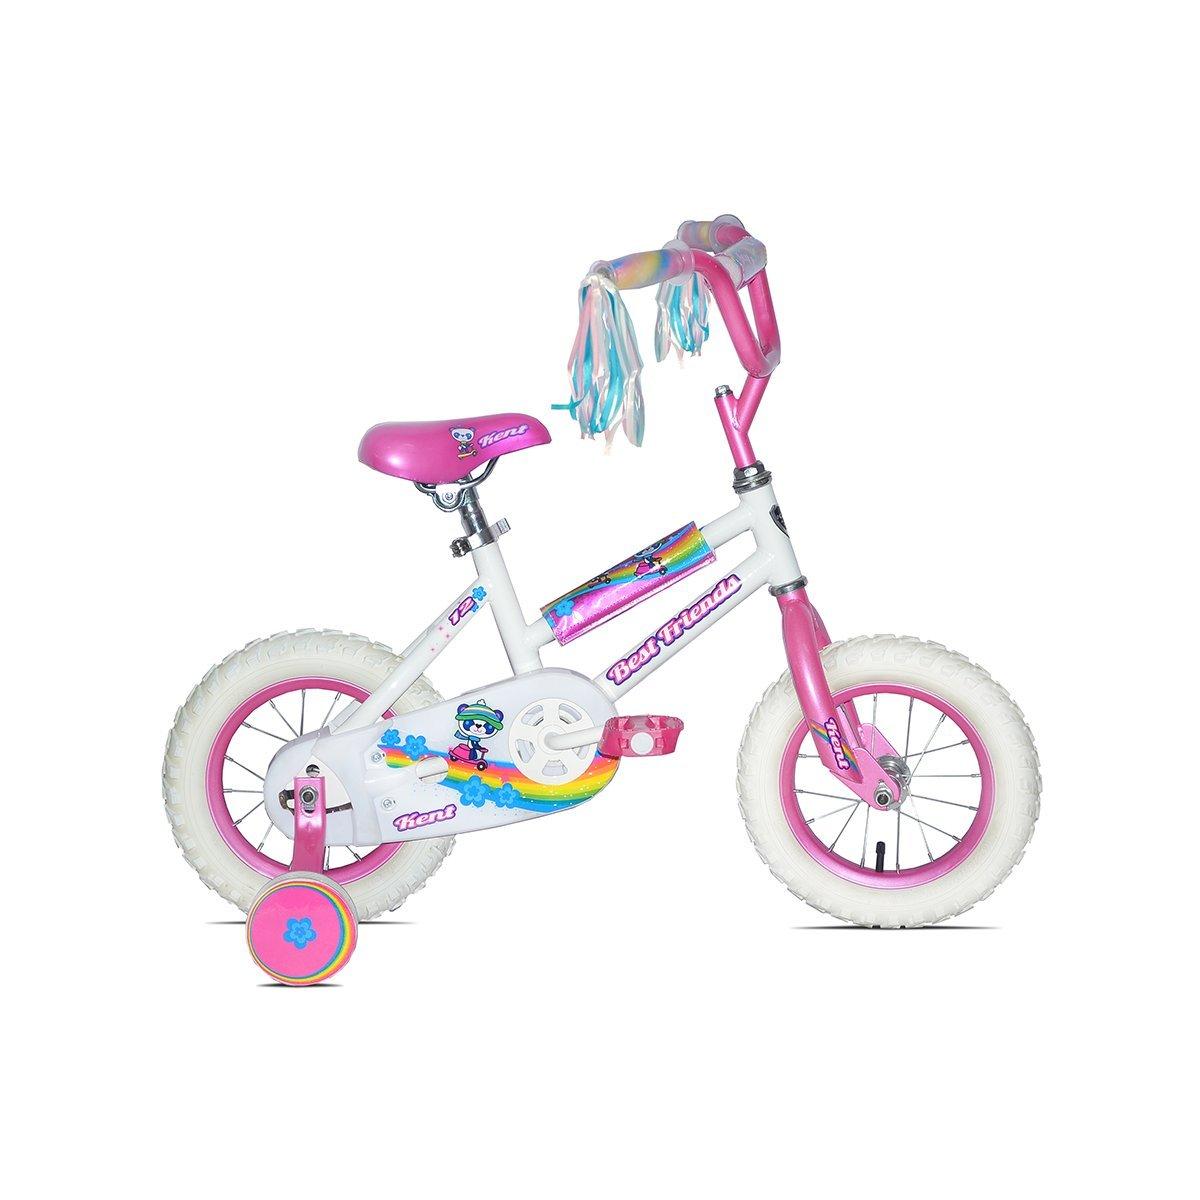 Kent Best Friends Girls Bike, 12-Inch by Kent B00BD45QDS